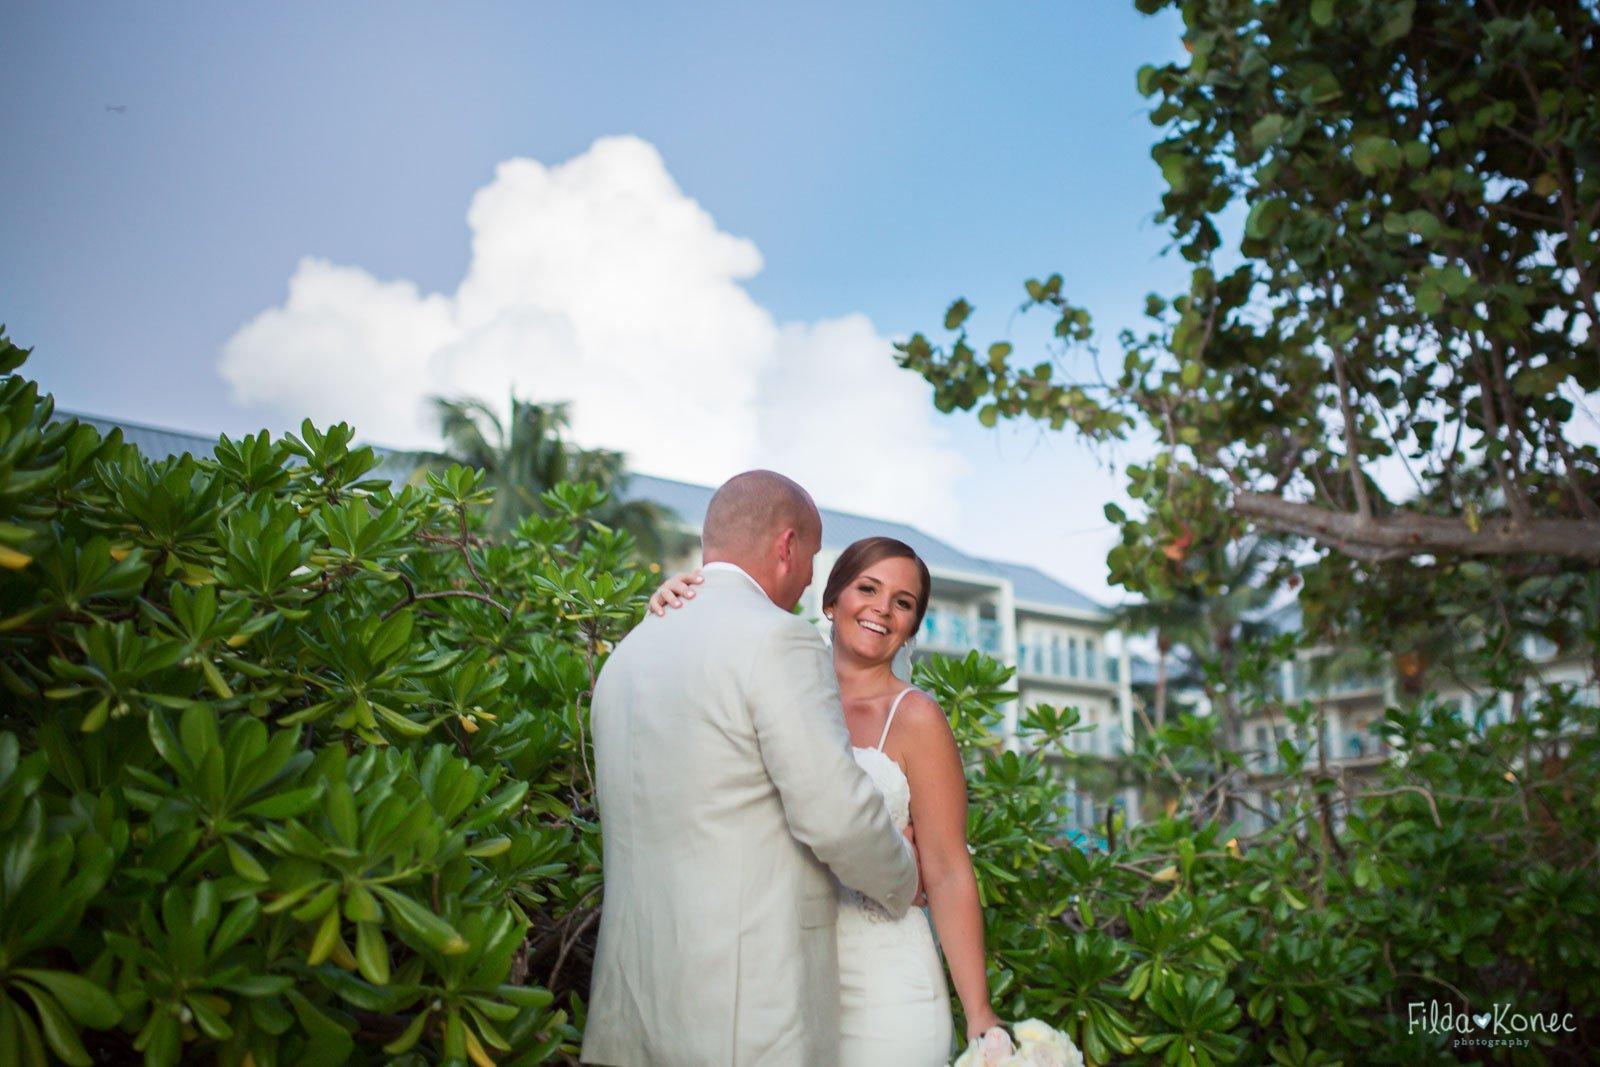 groom hugs his bride at hyatt in key west after their wedding